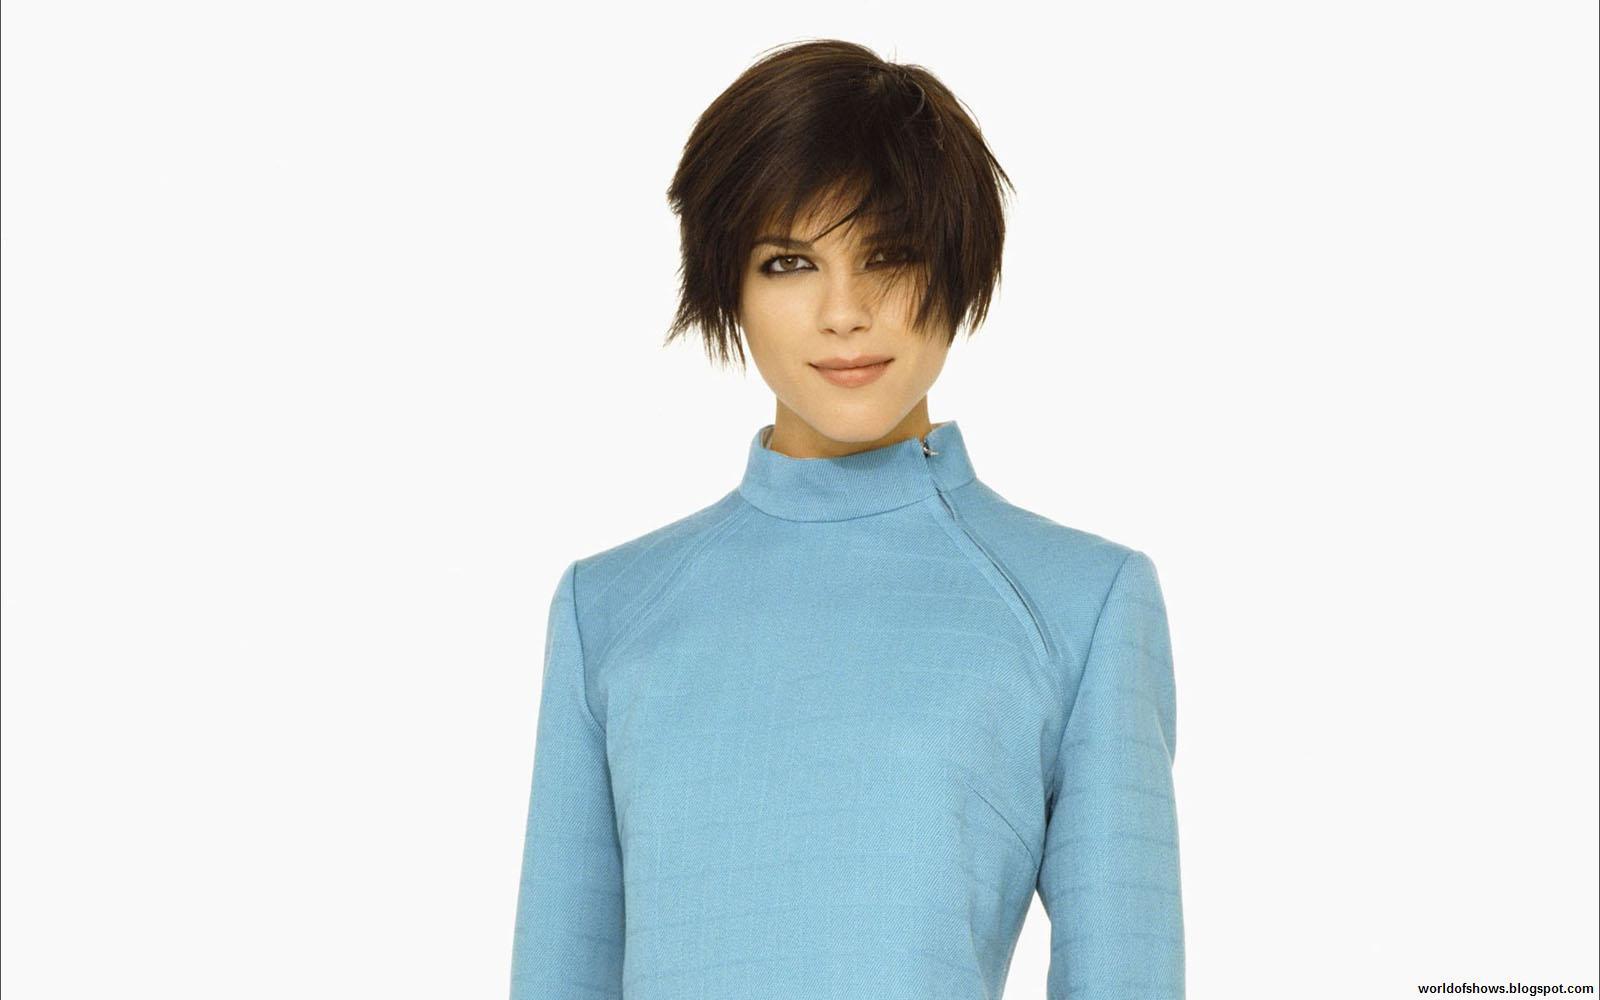 http://3.bp.blogspot.com/-Ej1IXOxCbQM/UAkt3bGVvKI/AAAAAAAAG2g/G_o0pYkD1Dg/s1600/Selma_Blair_Pure_Beauty_In_Blue_Dress_Short_Hair_Sweet_Smile_Hd_Desktop_Wallpaper_worldofshows.blogspot.com.jpg